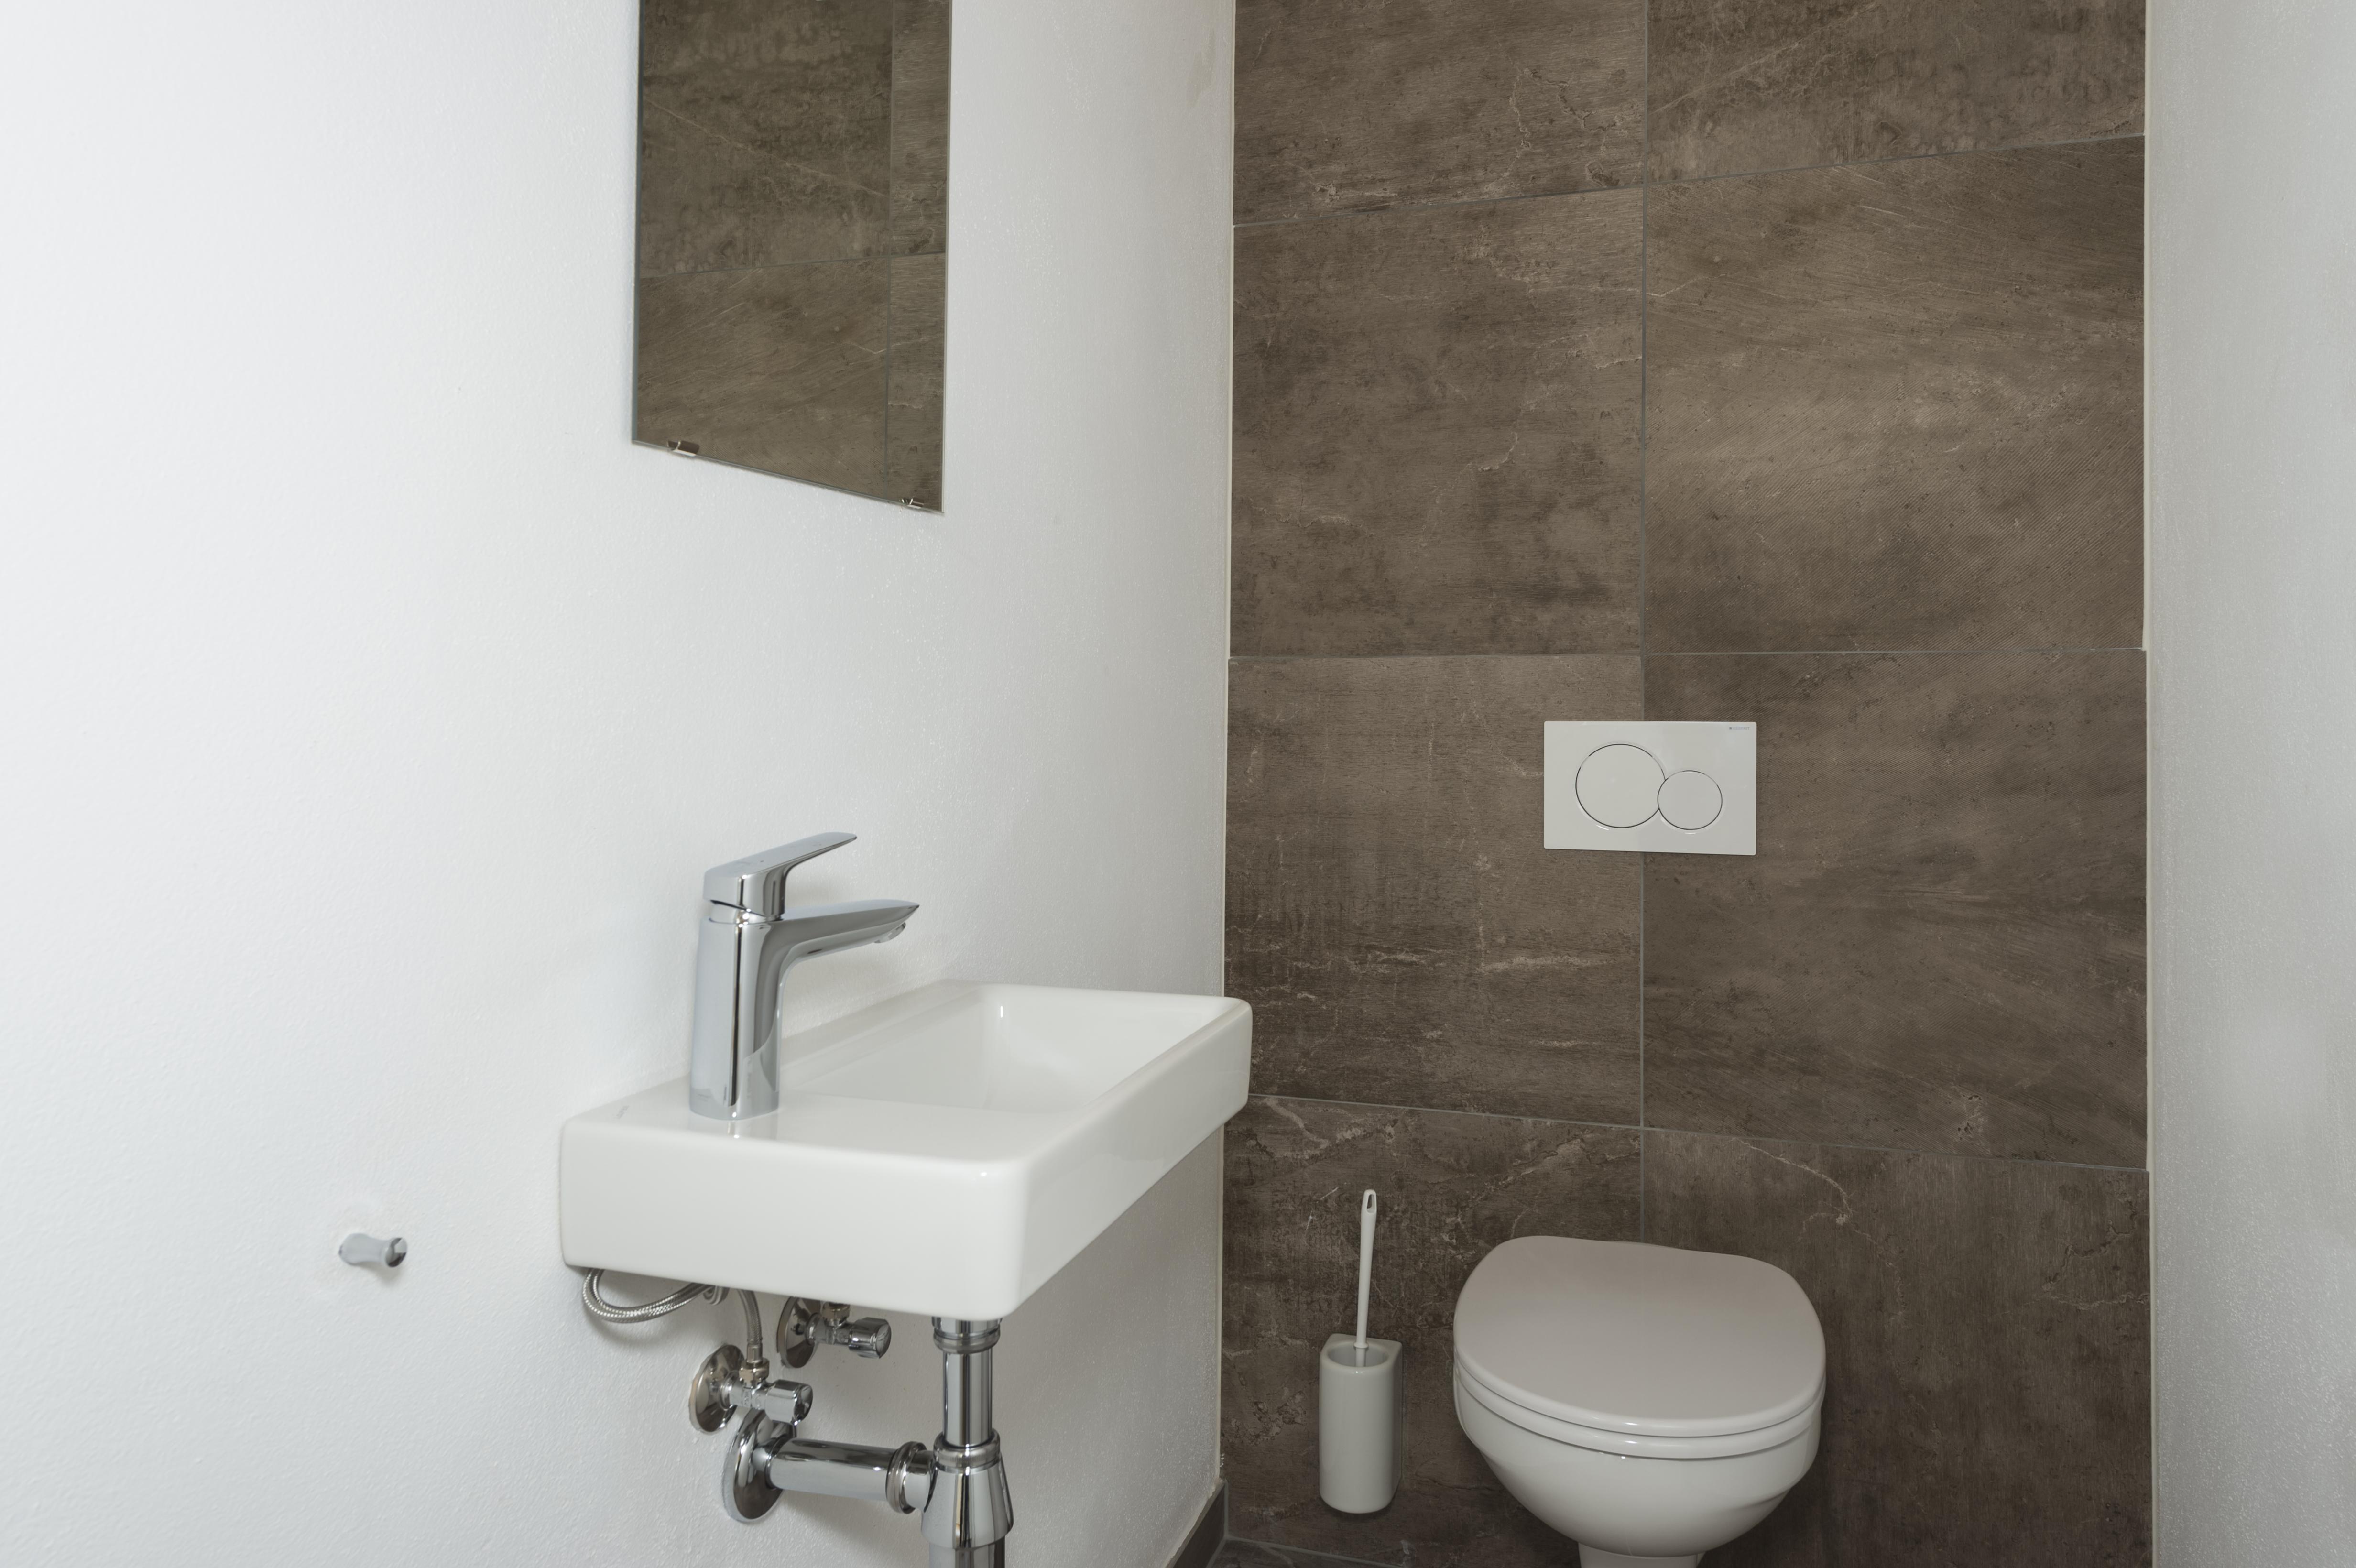 Foto WC Bauprojekt IMMKA IV - exemplarische Veranschaulichung der Ausführung